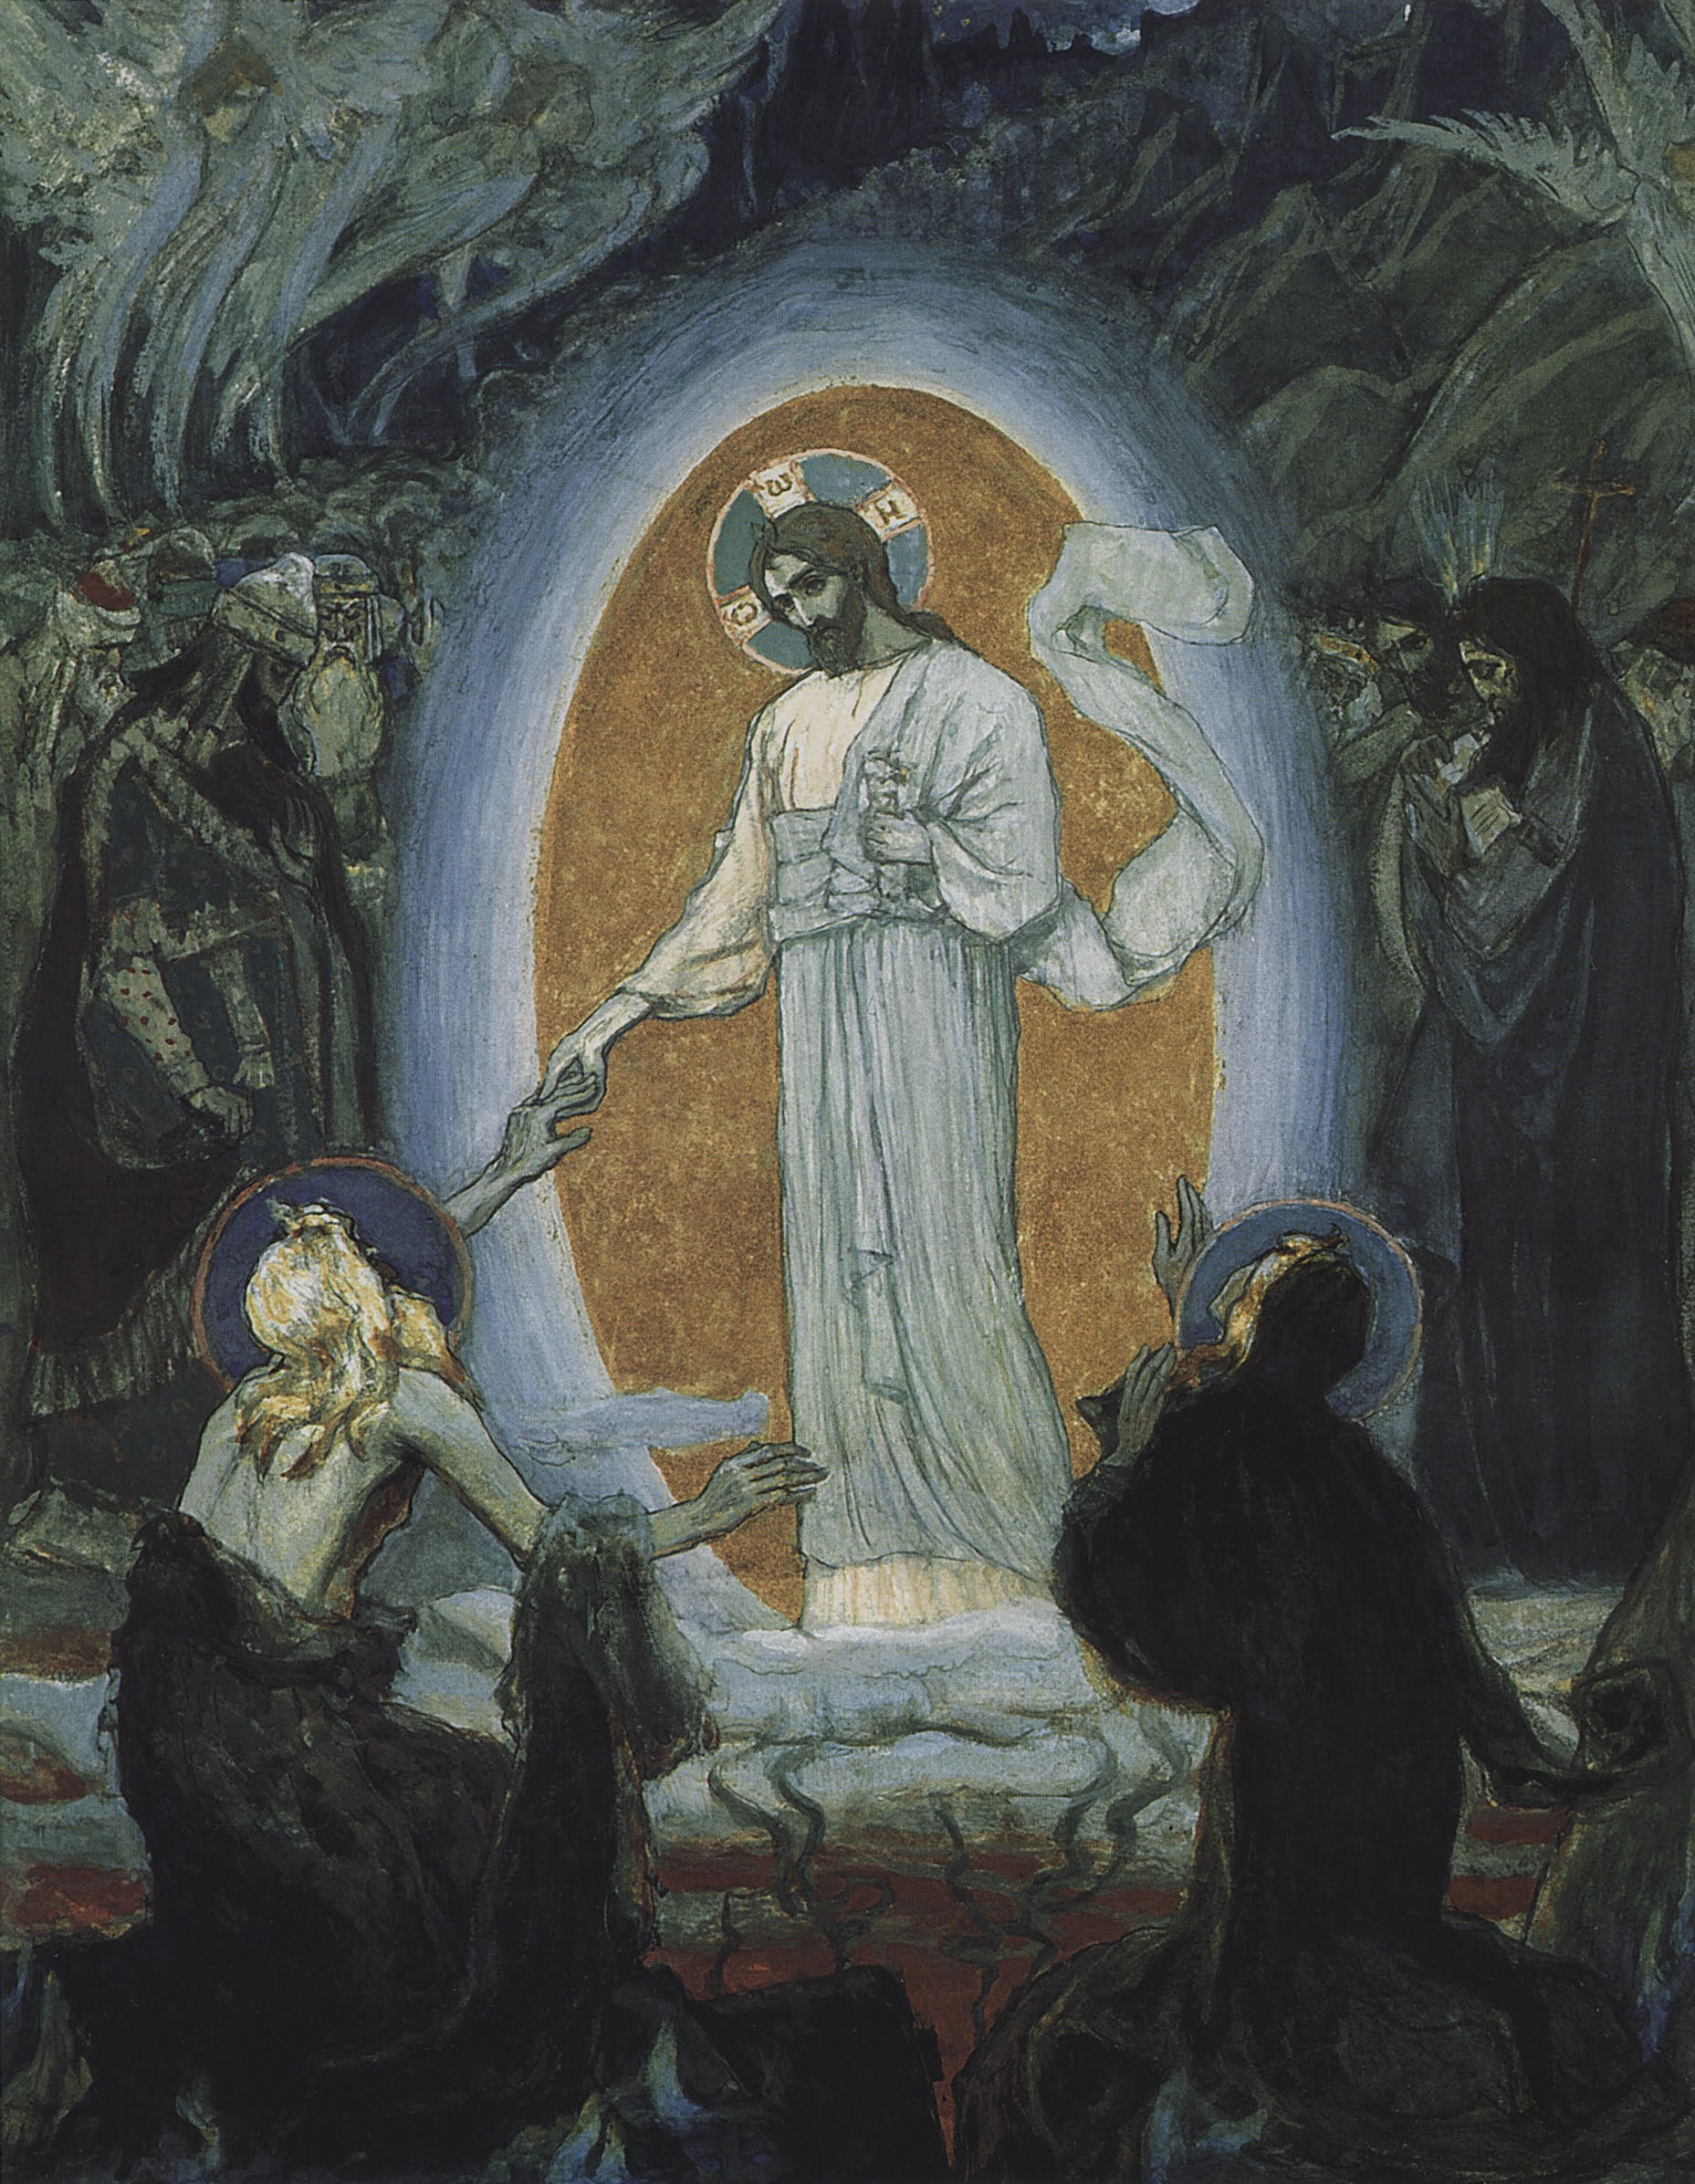 Сошествие Христа в ад. Михаил Нестеров. 1895